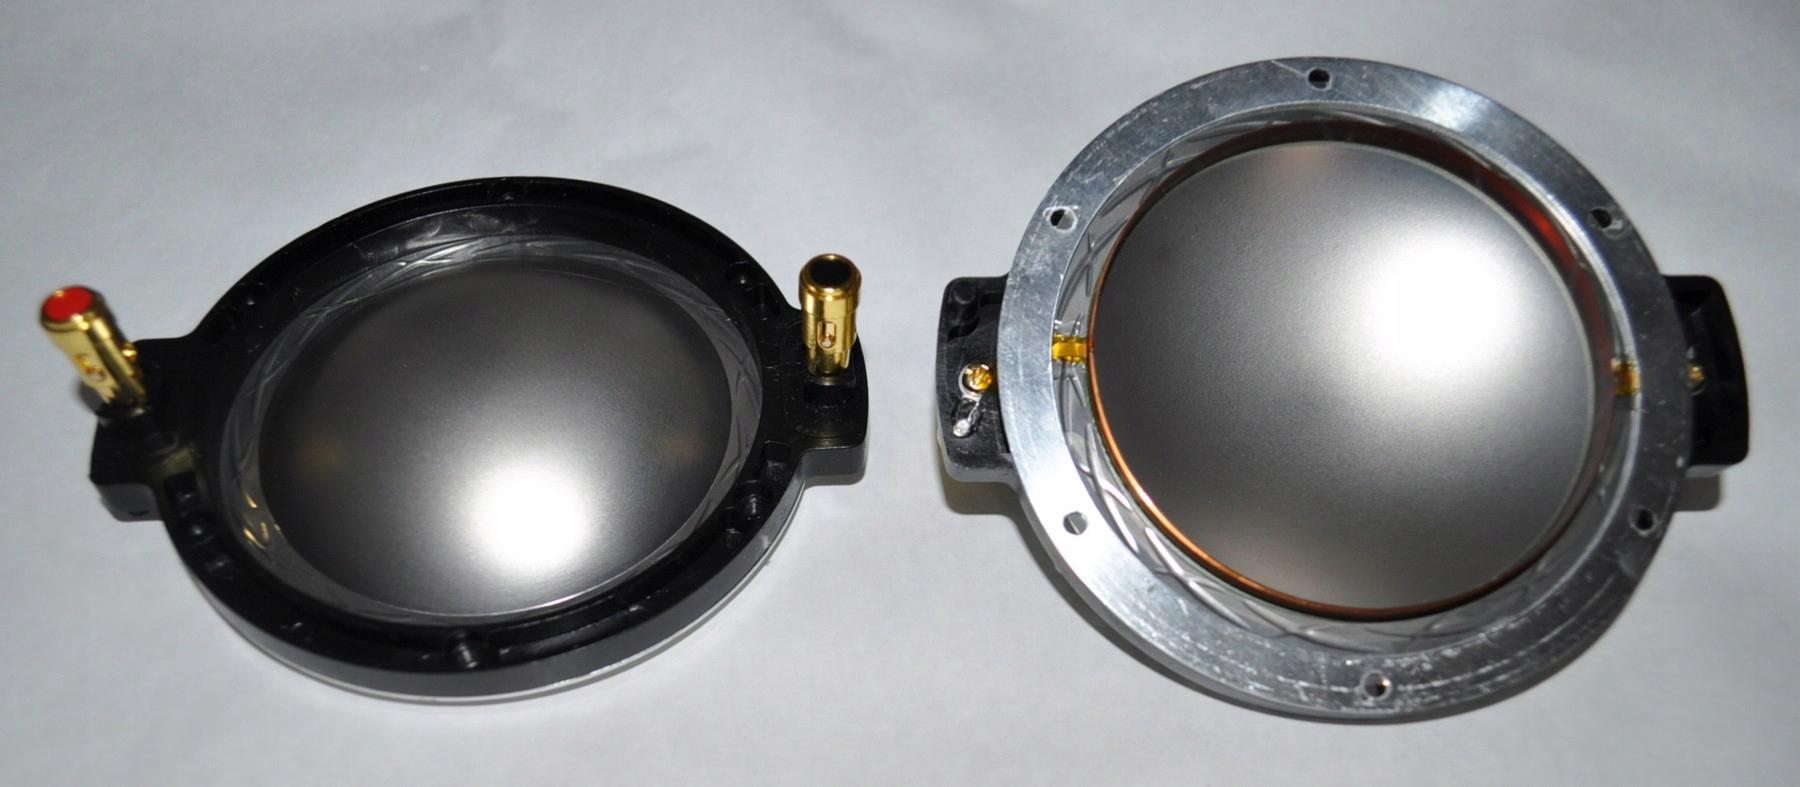 Cievka, Dome, membrána až 18 Zvuk ND 1460,1480